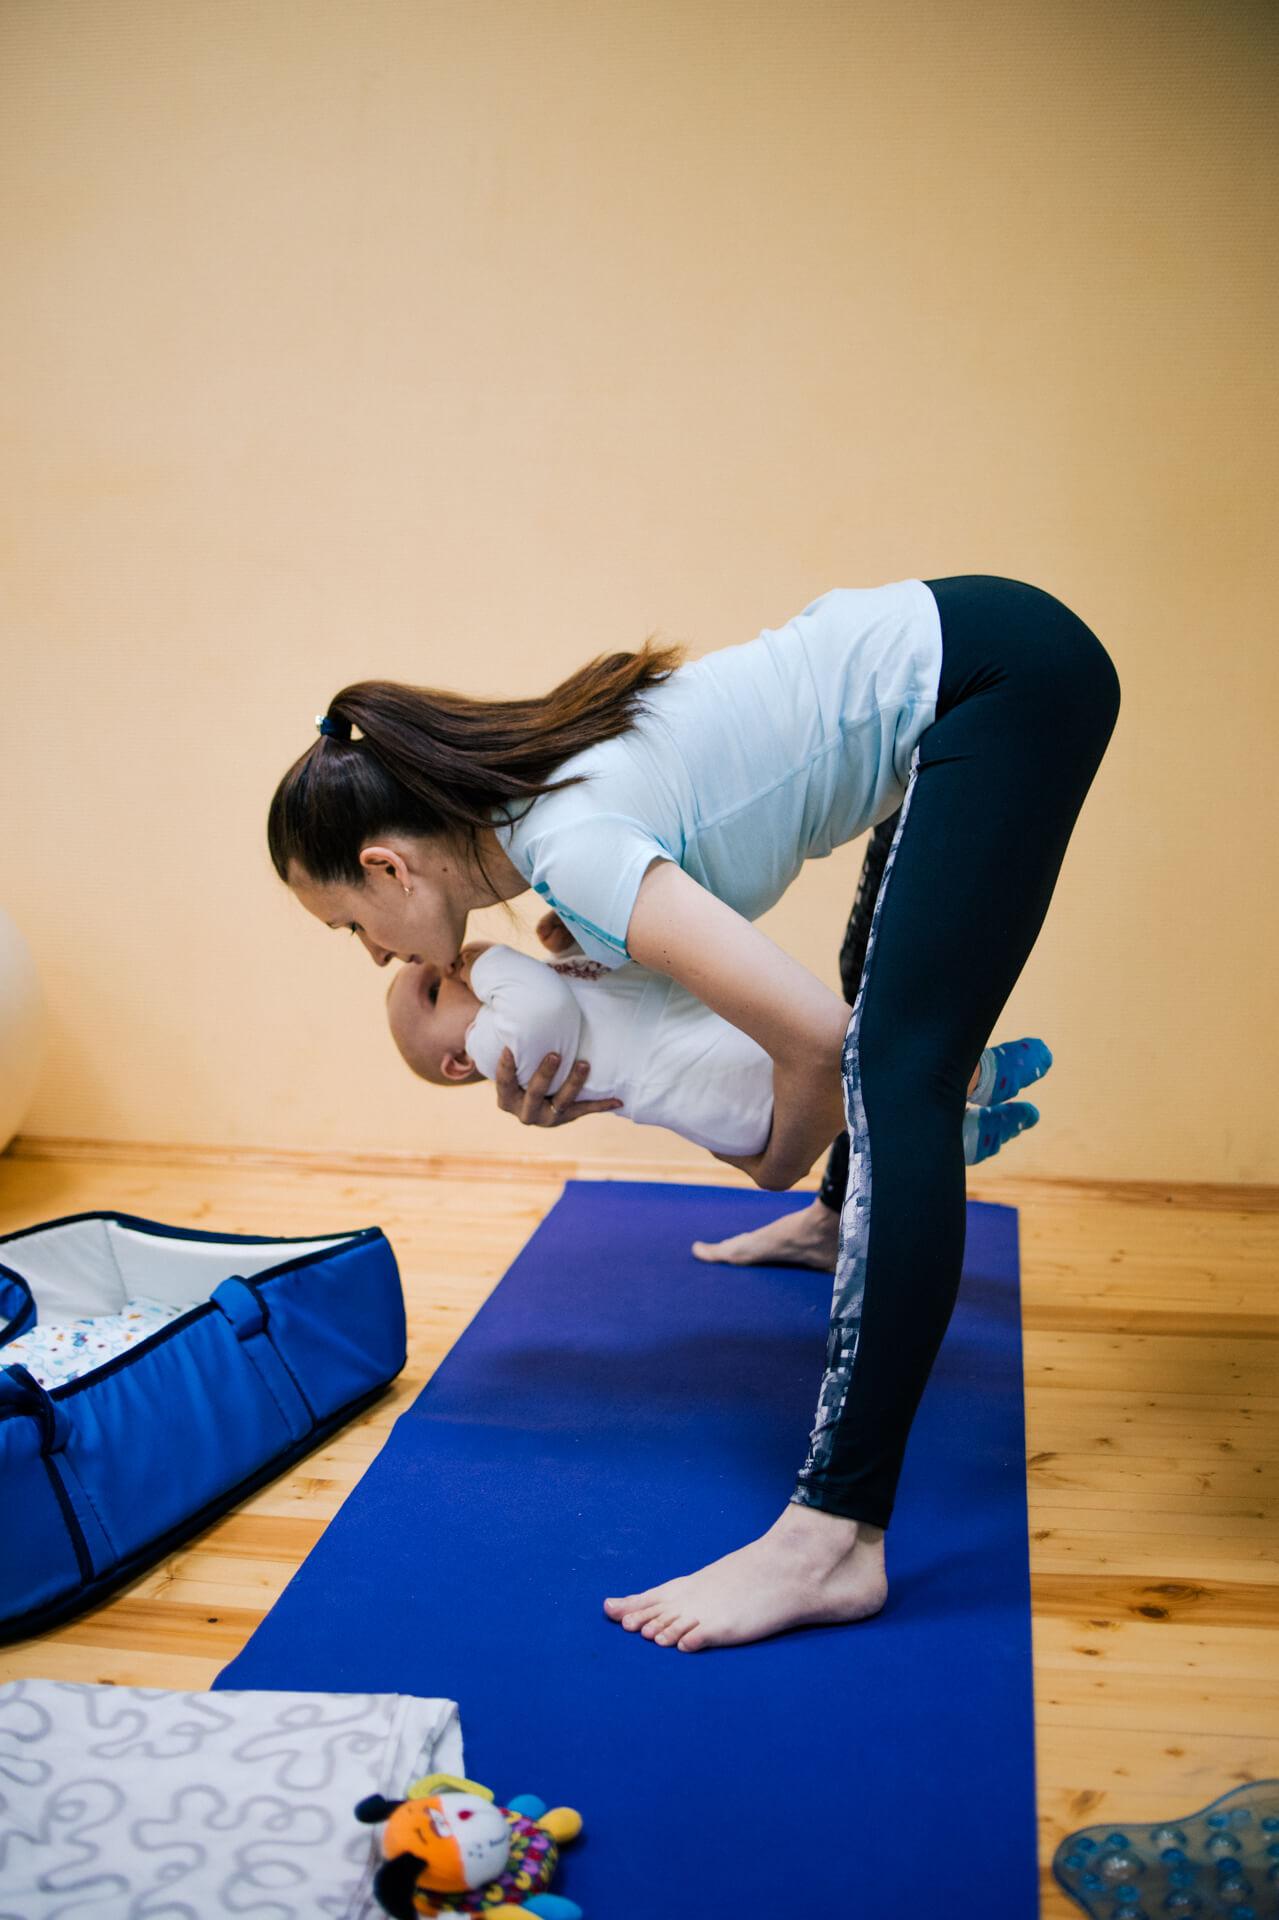 События  Что такое беби-йога и где в Курске сходить на тренировку